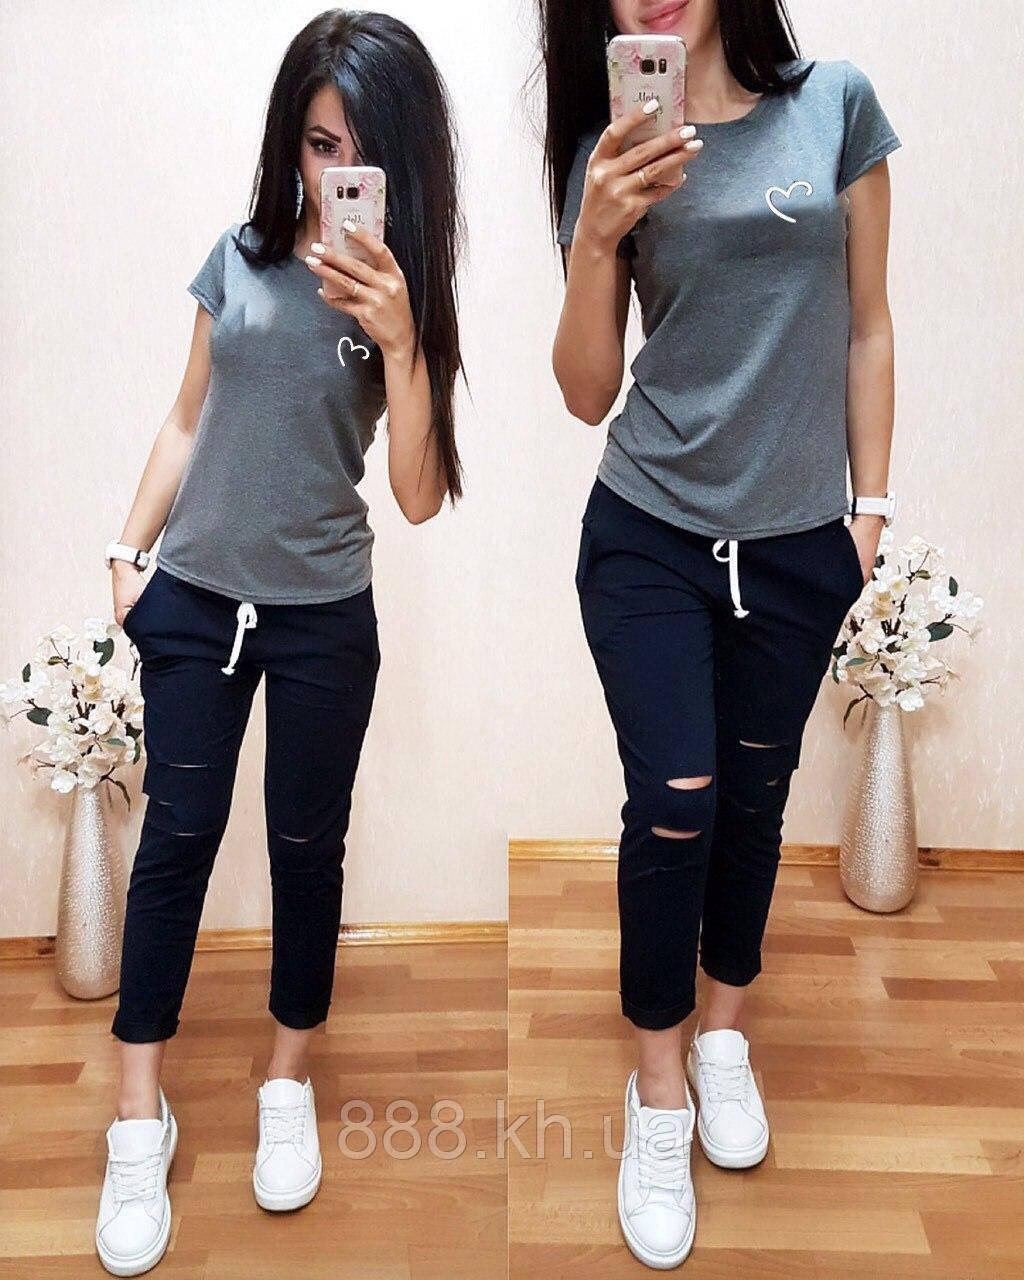 Женская футболка на лето, легкая футболка для девочек S/M/L/XL (серый)